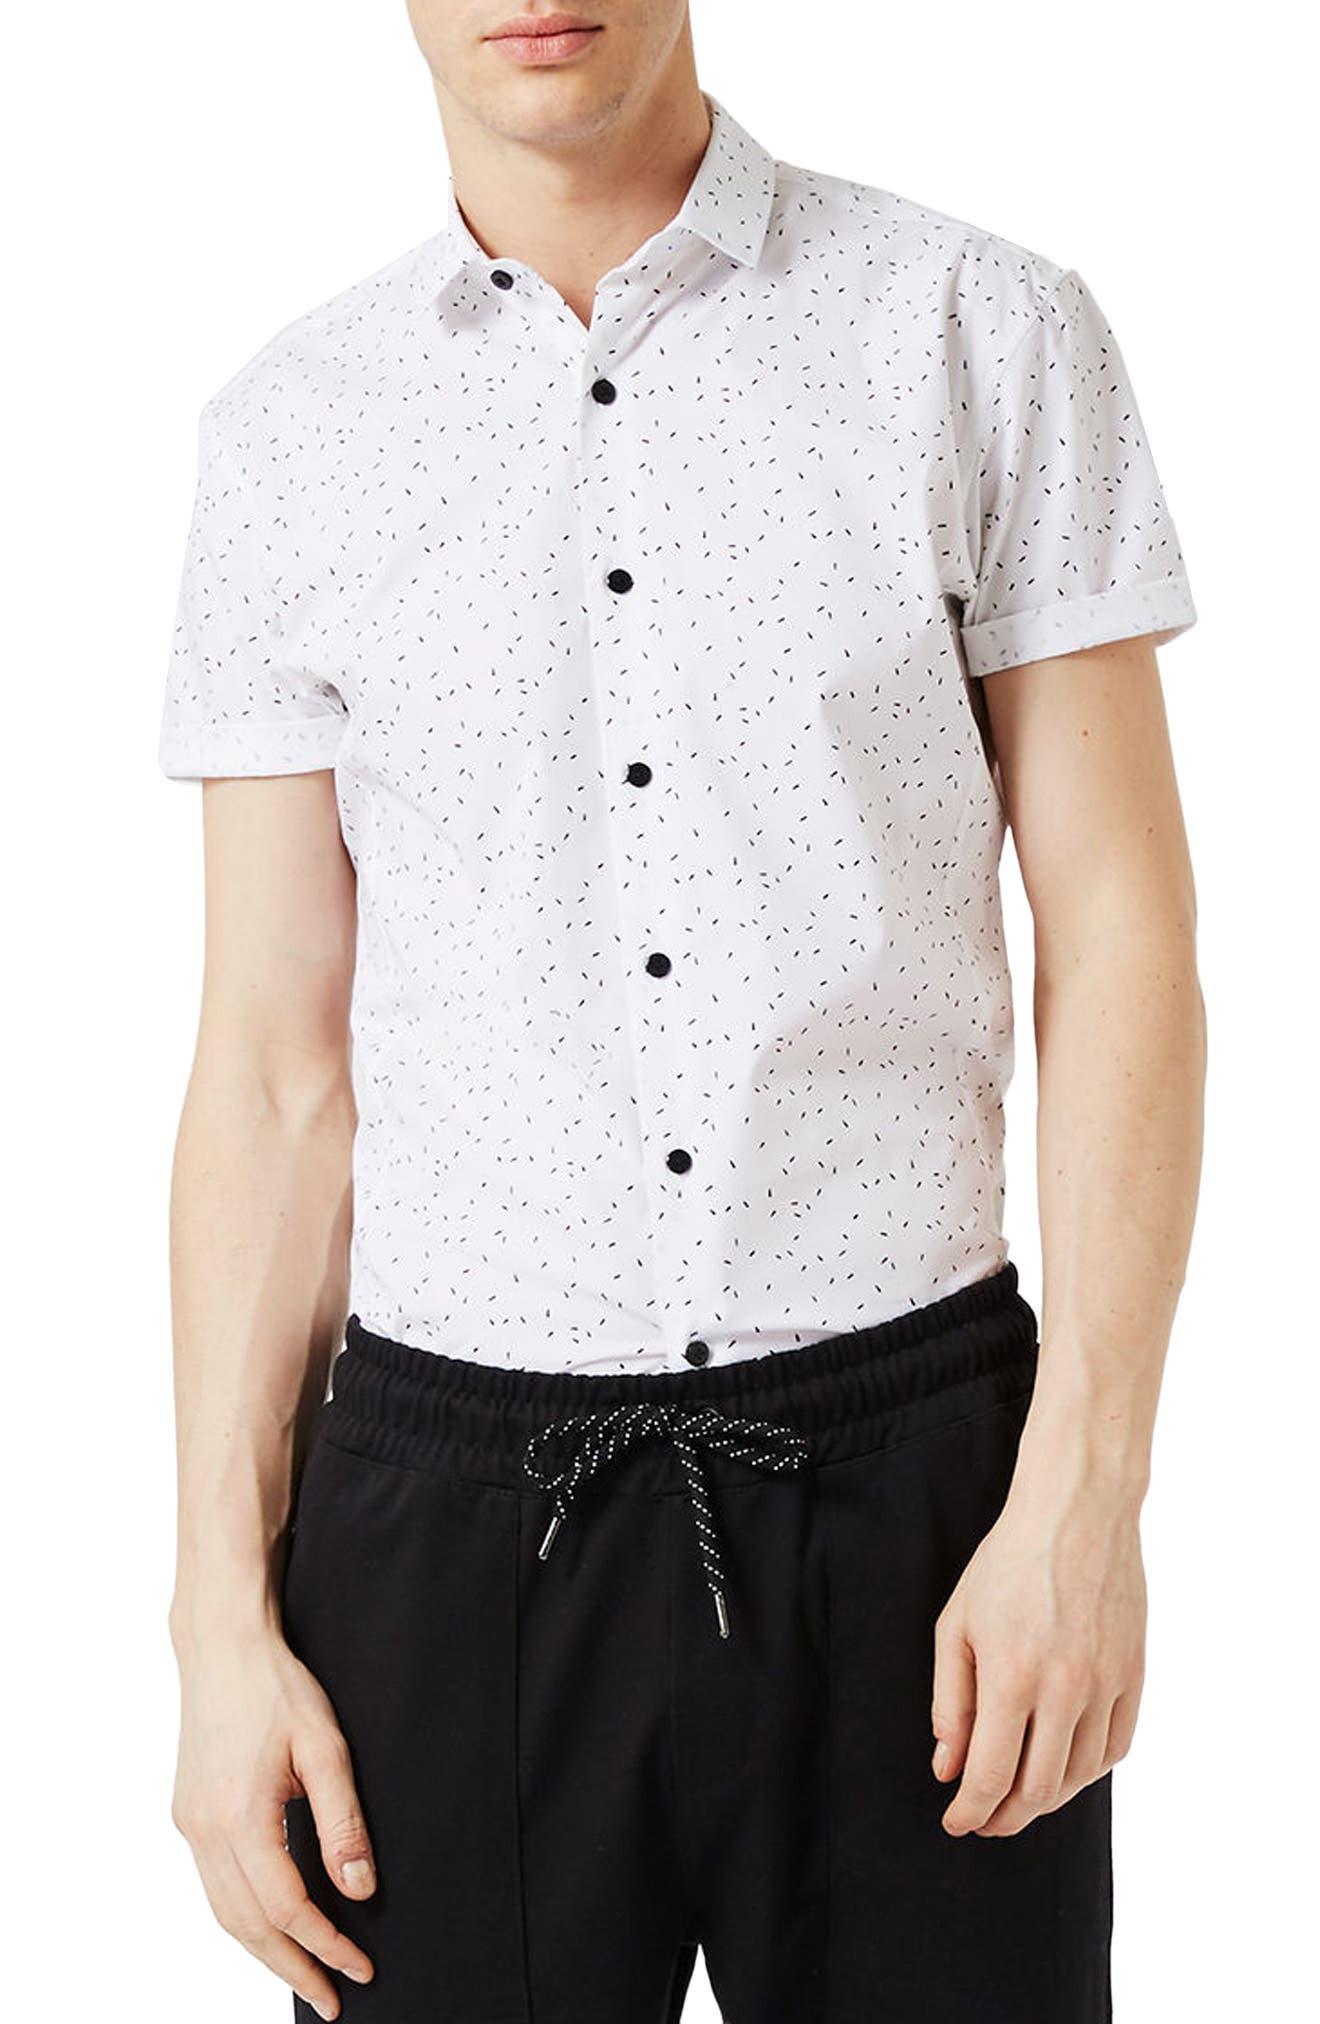 Topman Slim Fit Confetti Print Shirt